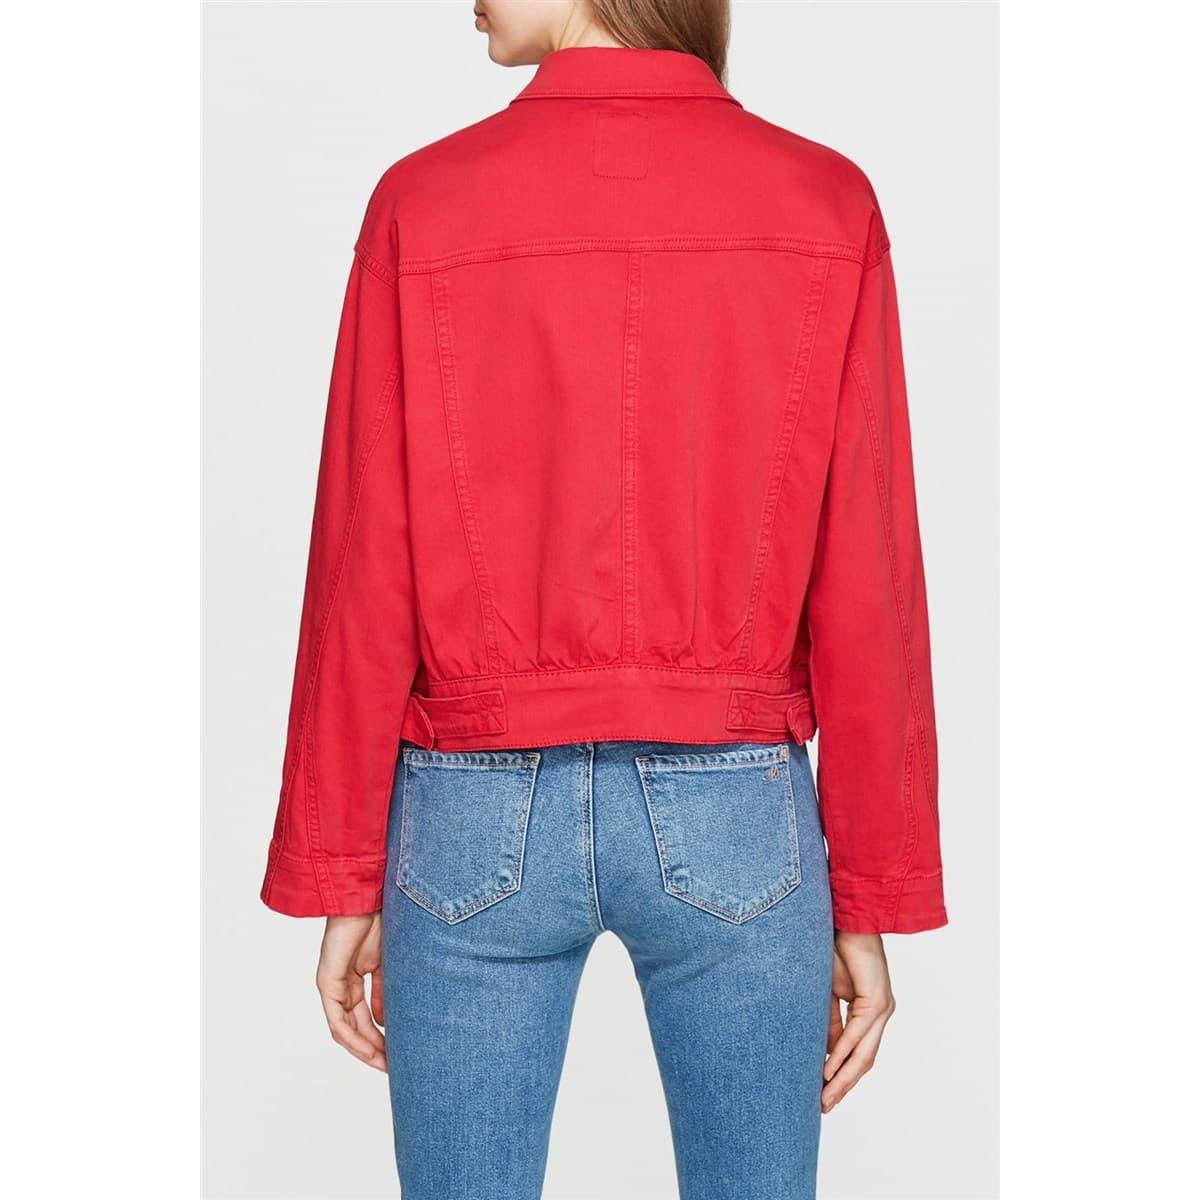 Cep Detaylı Kırmızı Kadın Kot Ceket